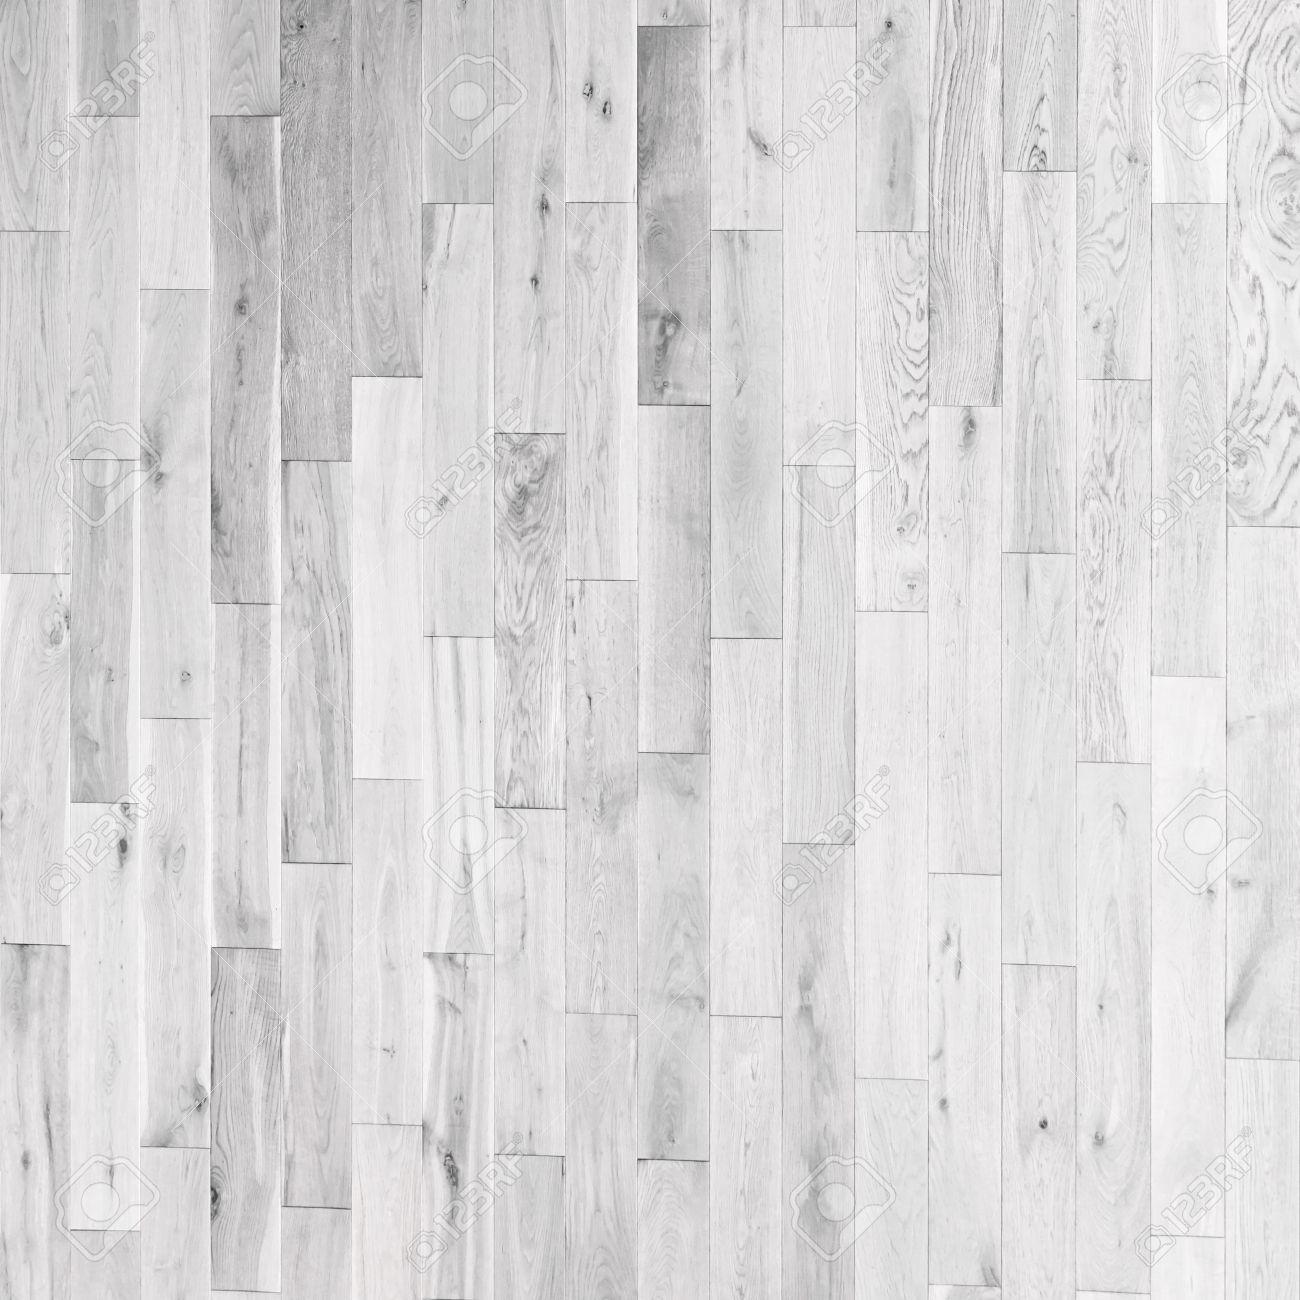 Assez Blanc De Parquet Texture Horizontal Fond De Bois Sans Soudure  FR85